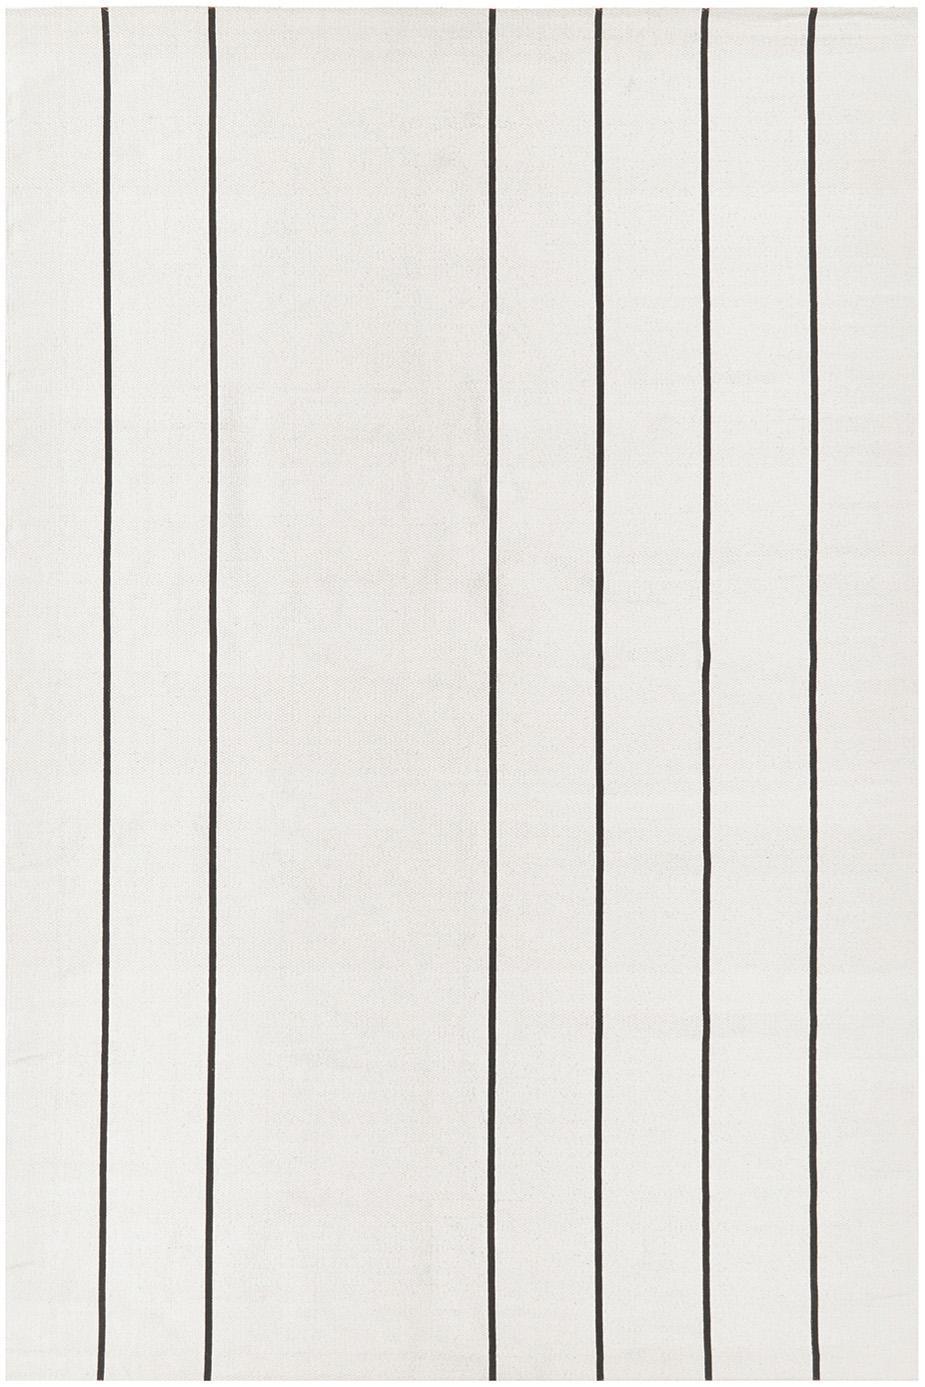 Flachgewebter Baumwollteppich David mit Linien, handgefertigt, 100% Baumwolle, Cremeweiß, Schwarz, B 120 x L 180 cm (Größe S)